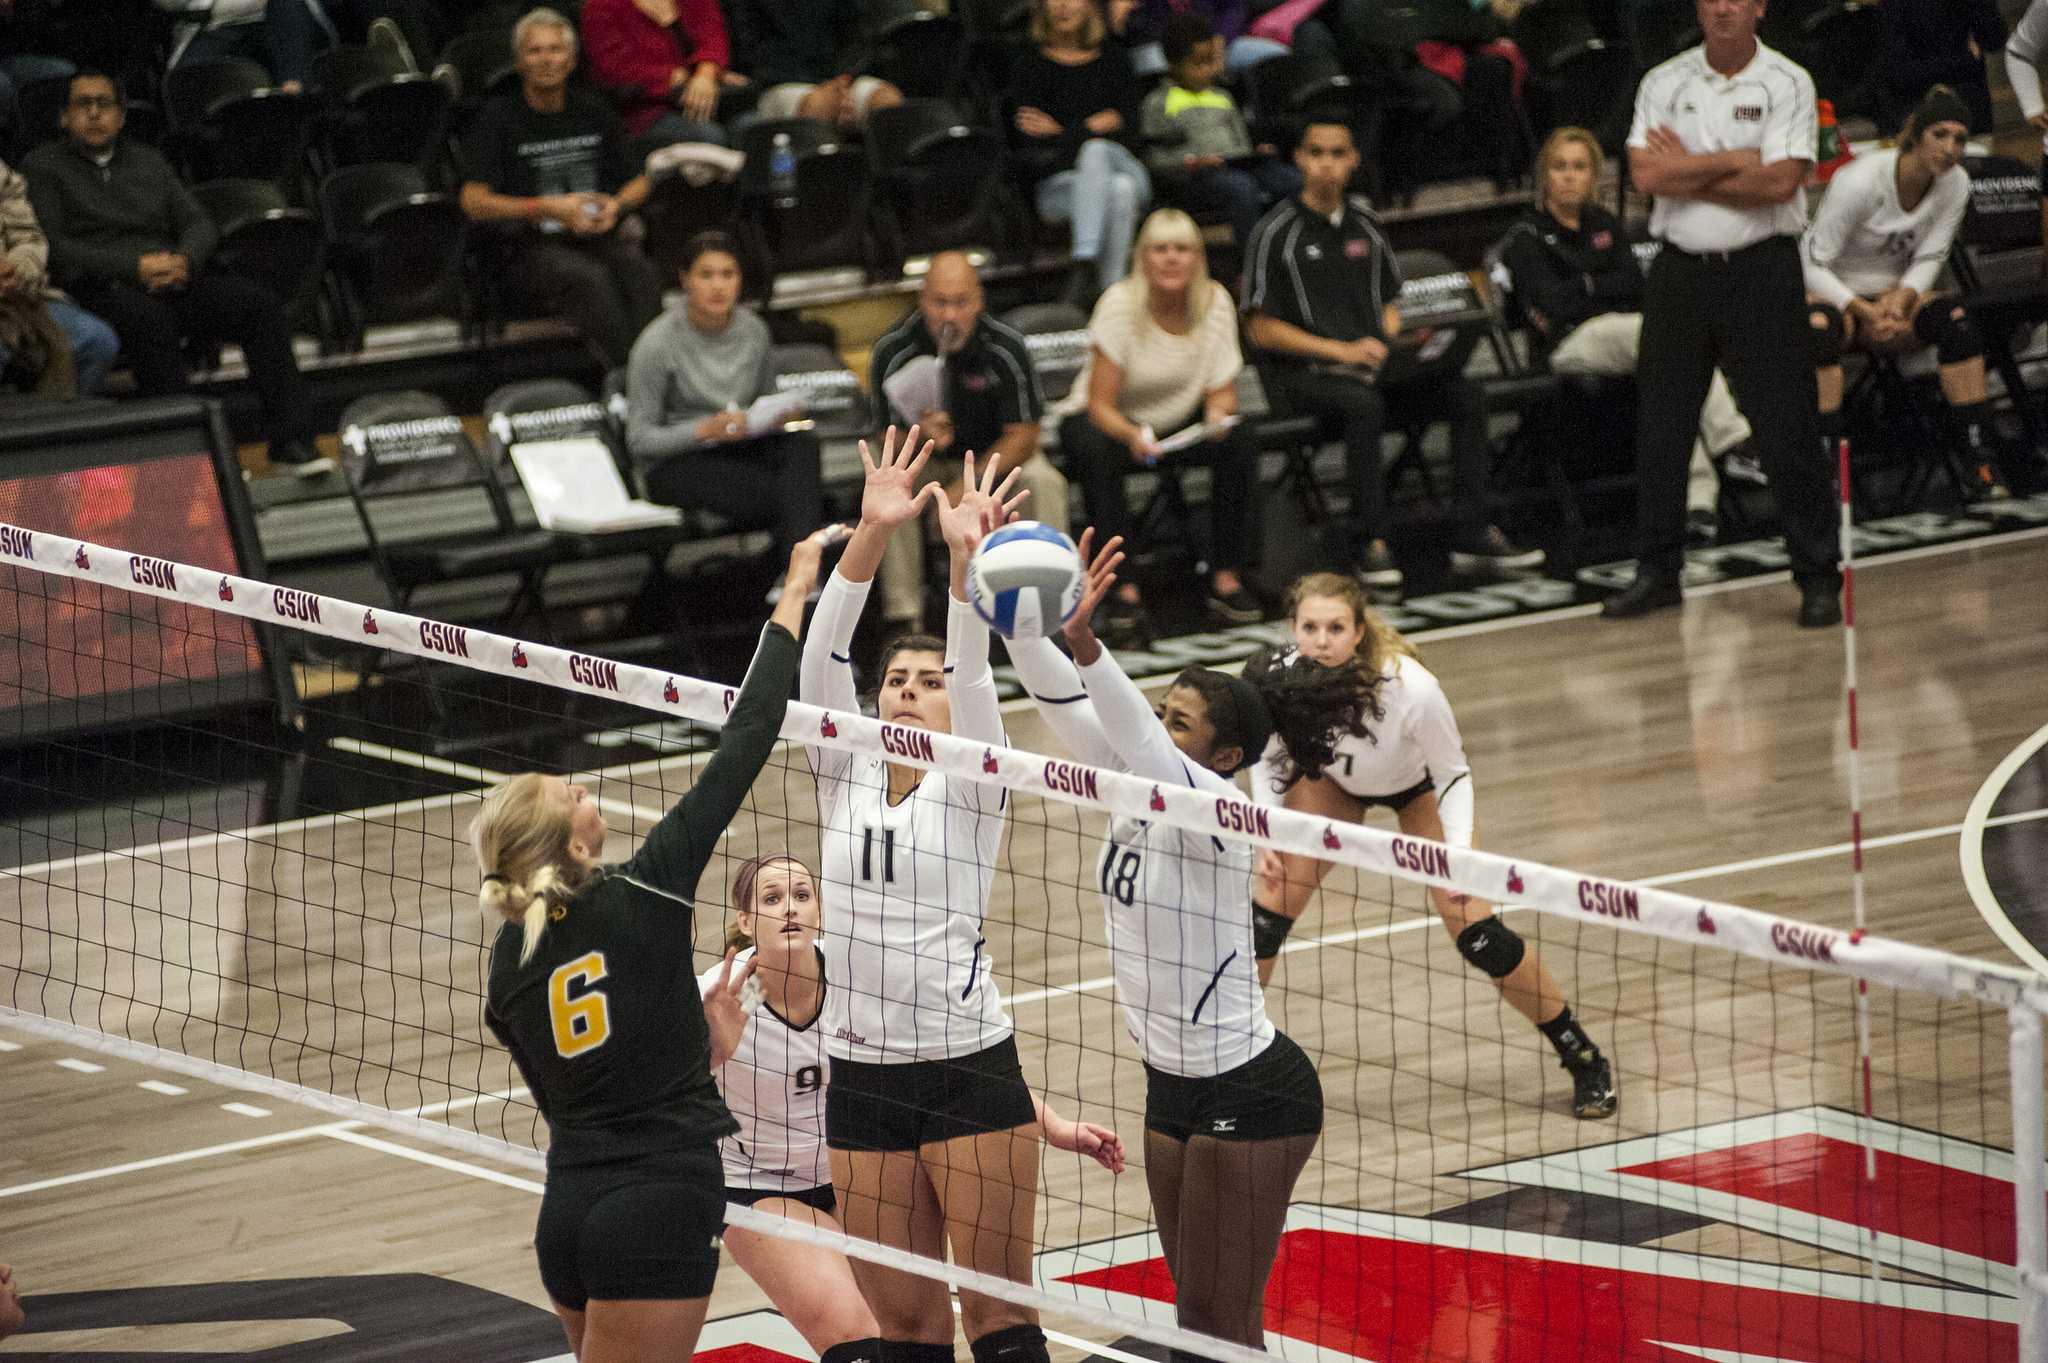 Women's Volleyball: Lipscomb edges CSUN in season opener